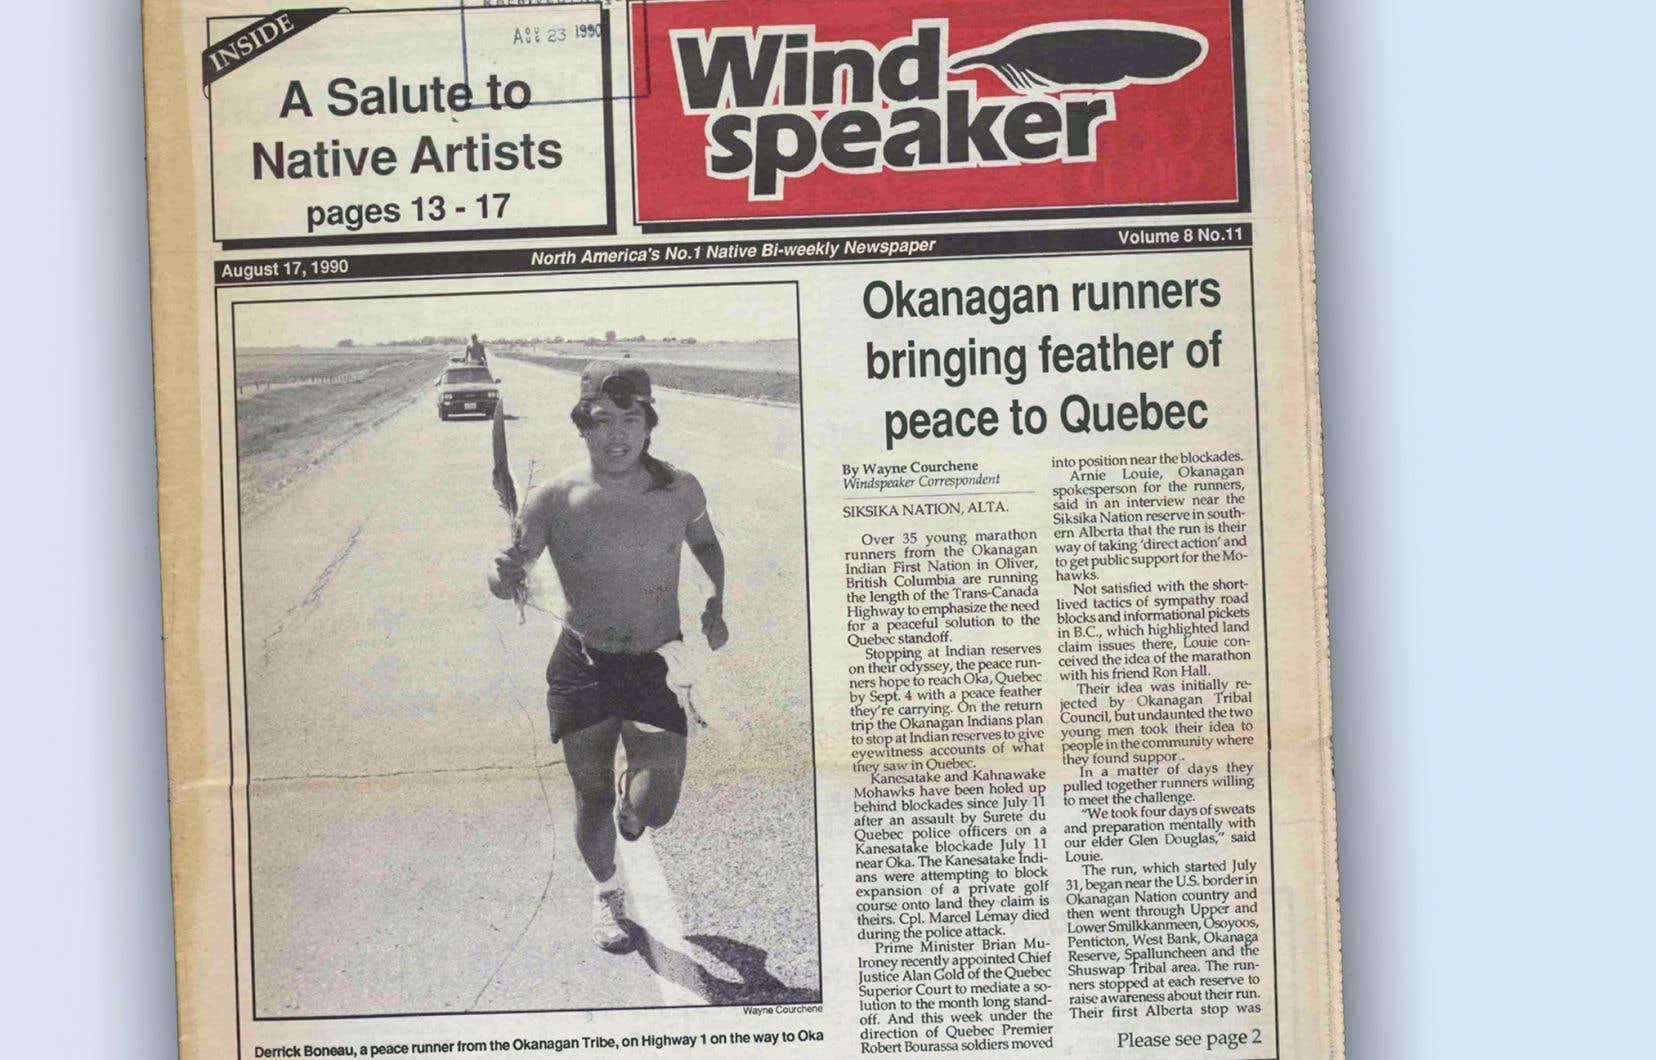 Le 17août 1990, l'un des coureurs de l'«Okanagan to Oka Run for Peace», Derrick Boneau, faisait la une du journal autochtone «The Windspeaker».